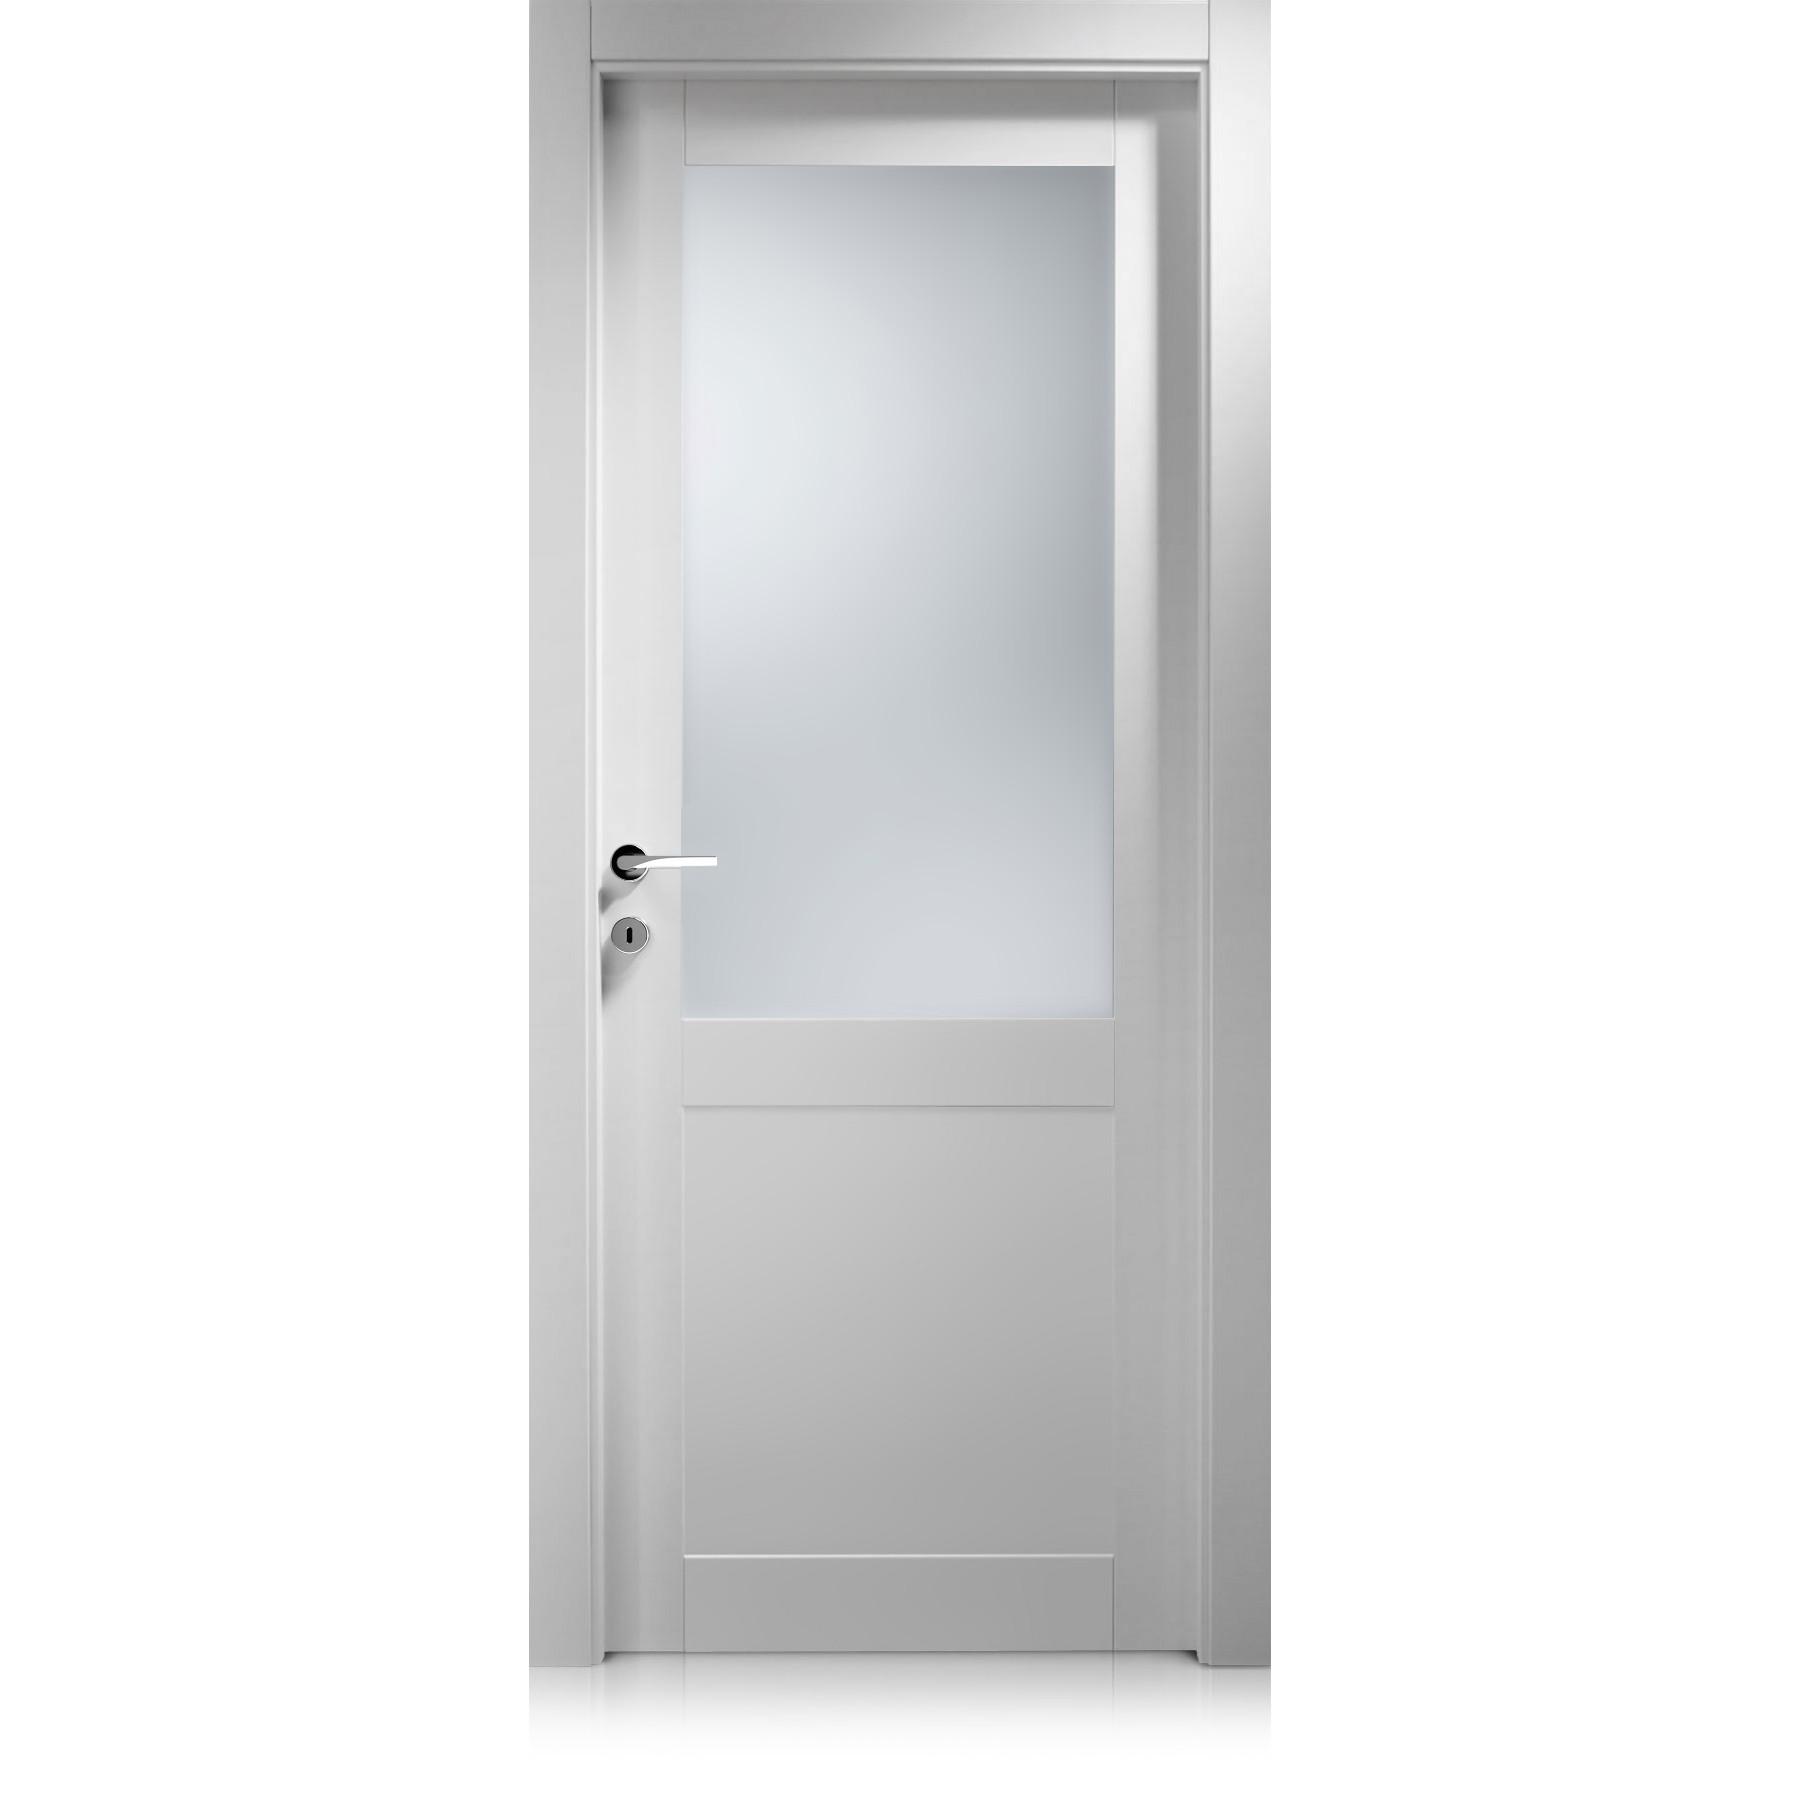 Area / 31 Simply bianco door